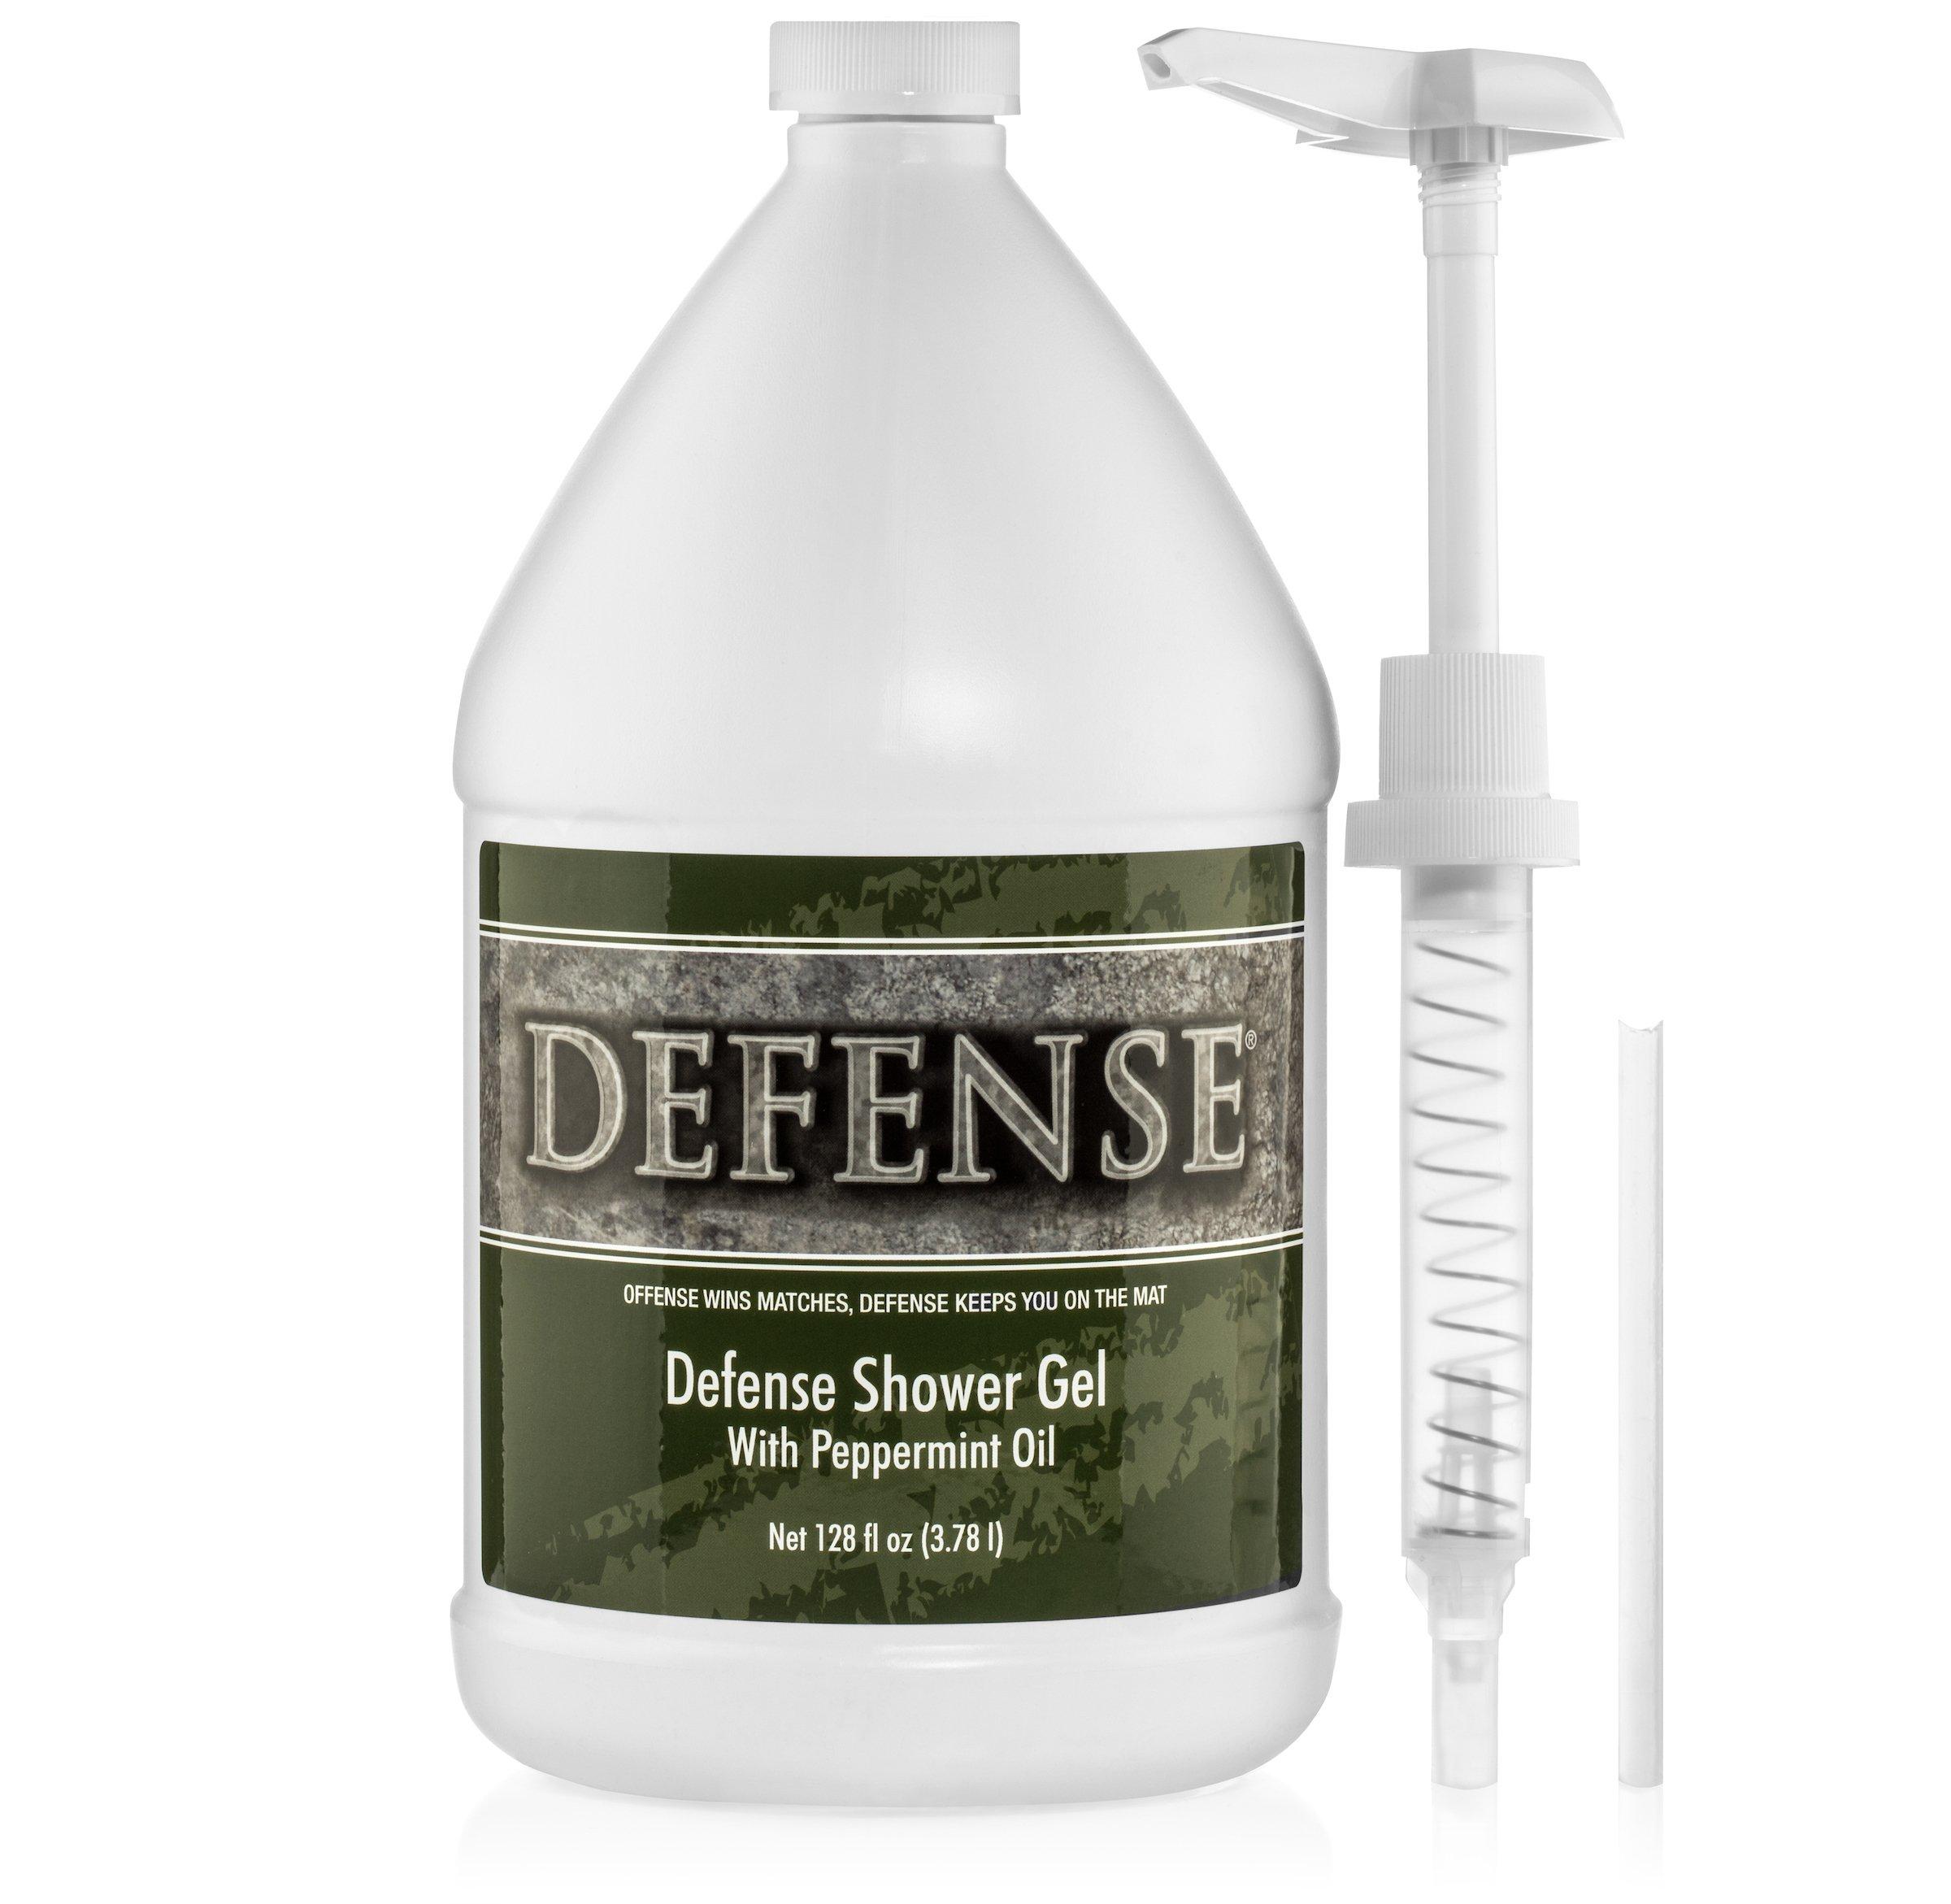 Defense Soap Peppermint Body Wash Shower Gel 1 Gallon (128 Fl Oz)